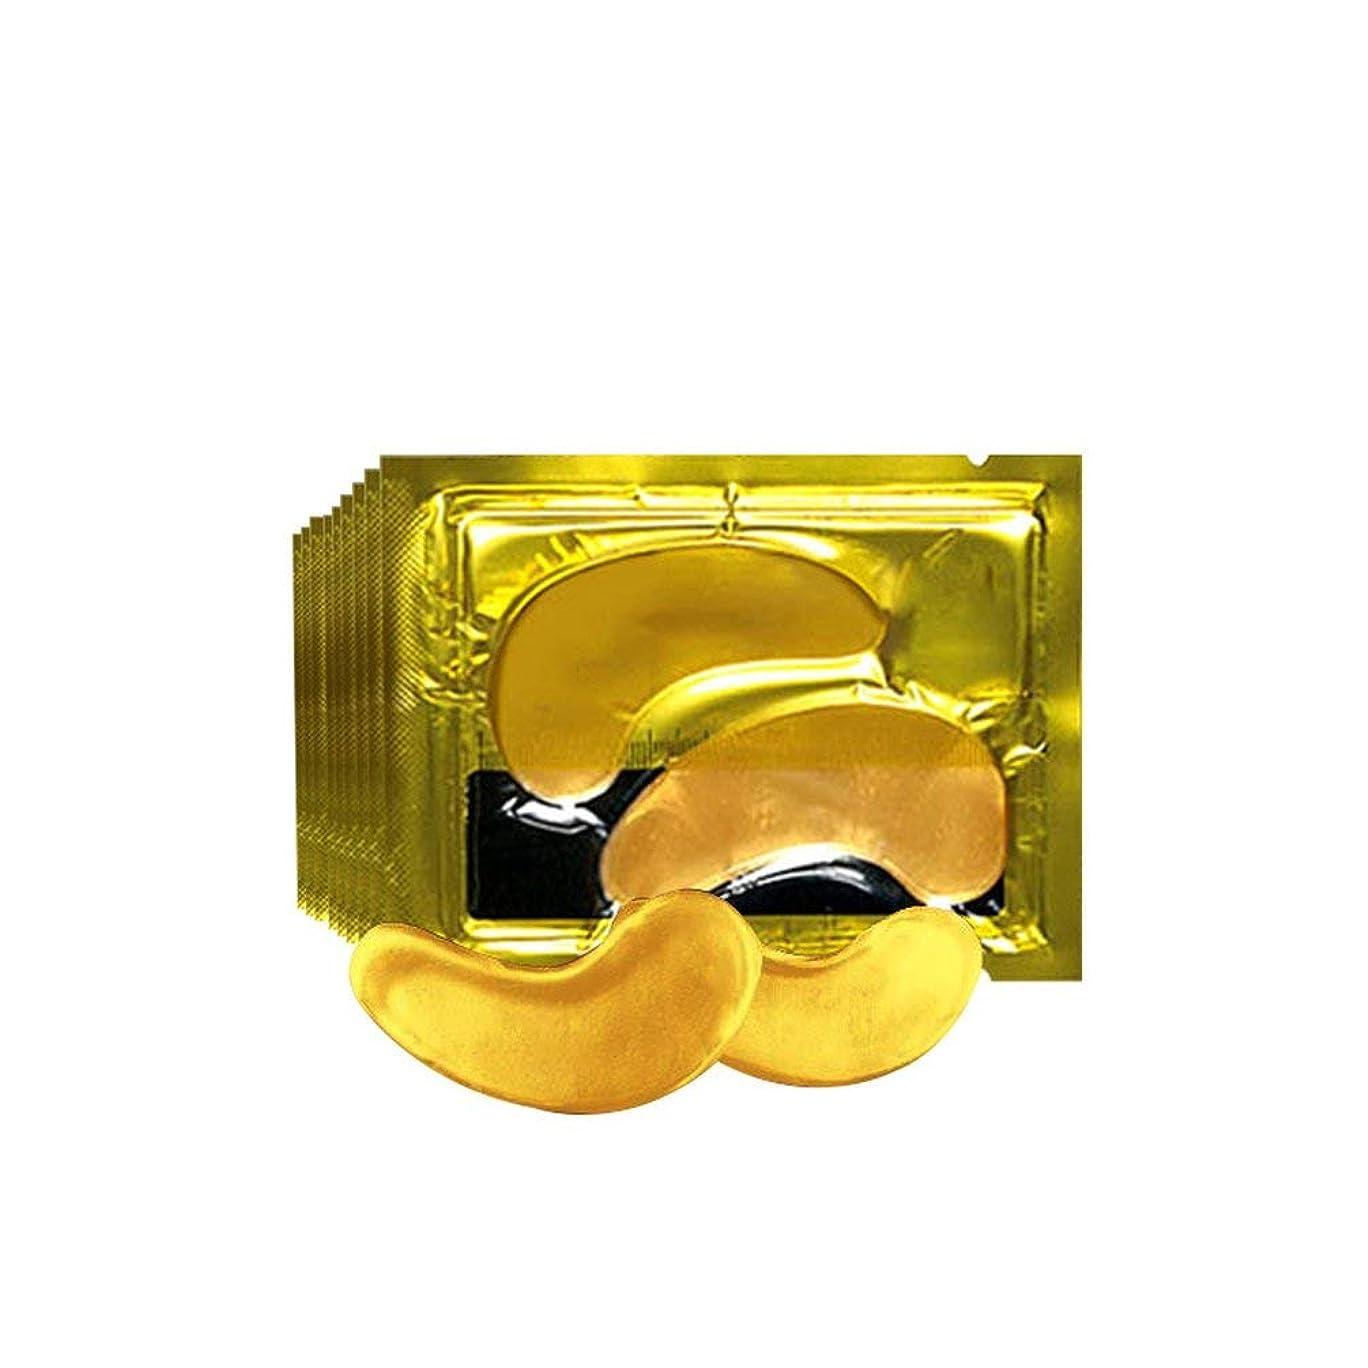 ダイヤル異なるロバ24Kアイマスク削除ダークサークルアンチシワ保湿アンチエイジングアンチパフアイバッグビューティファーミングアイマスク - イエロー